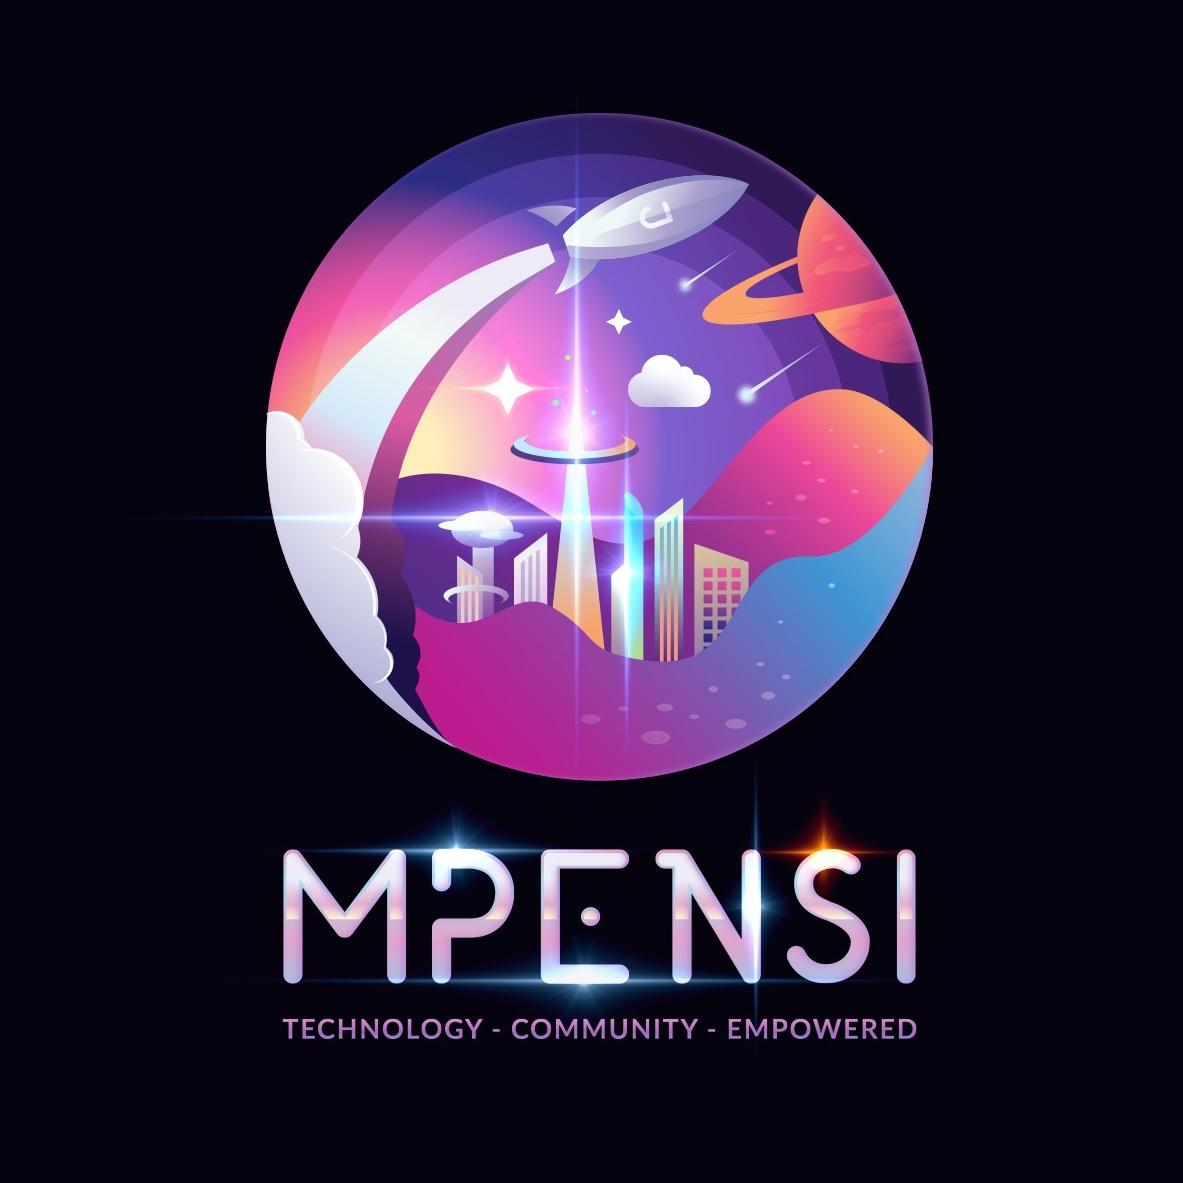 Retro futuristic skyline logo design for a technology brand